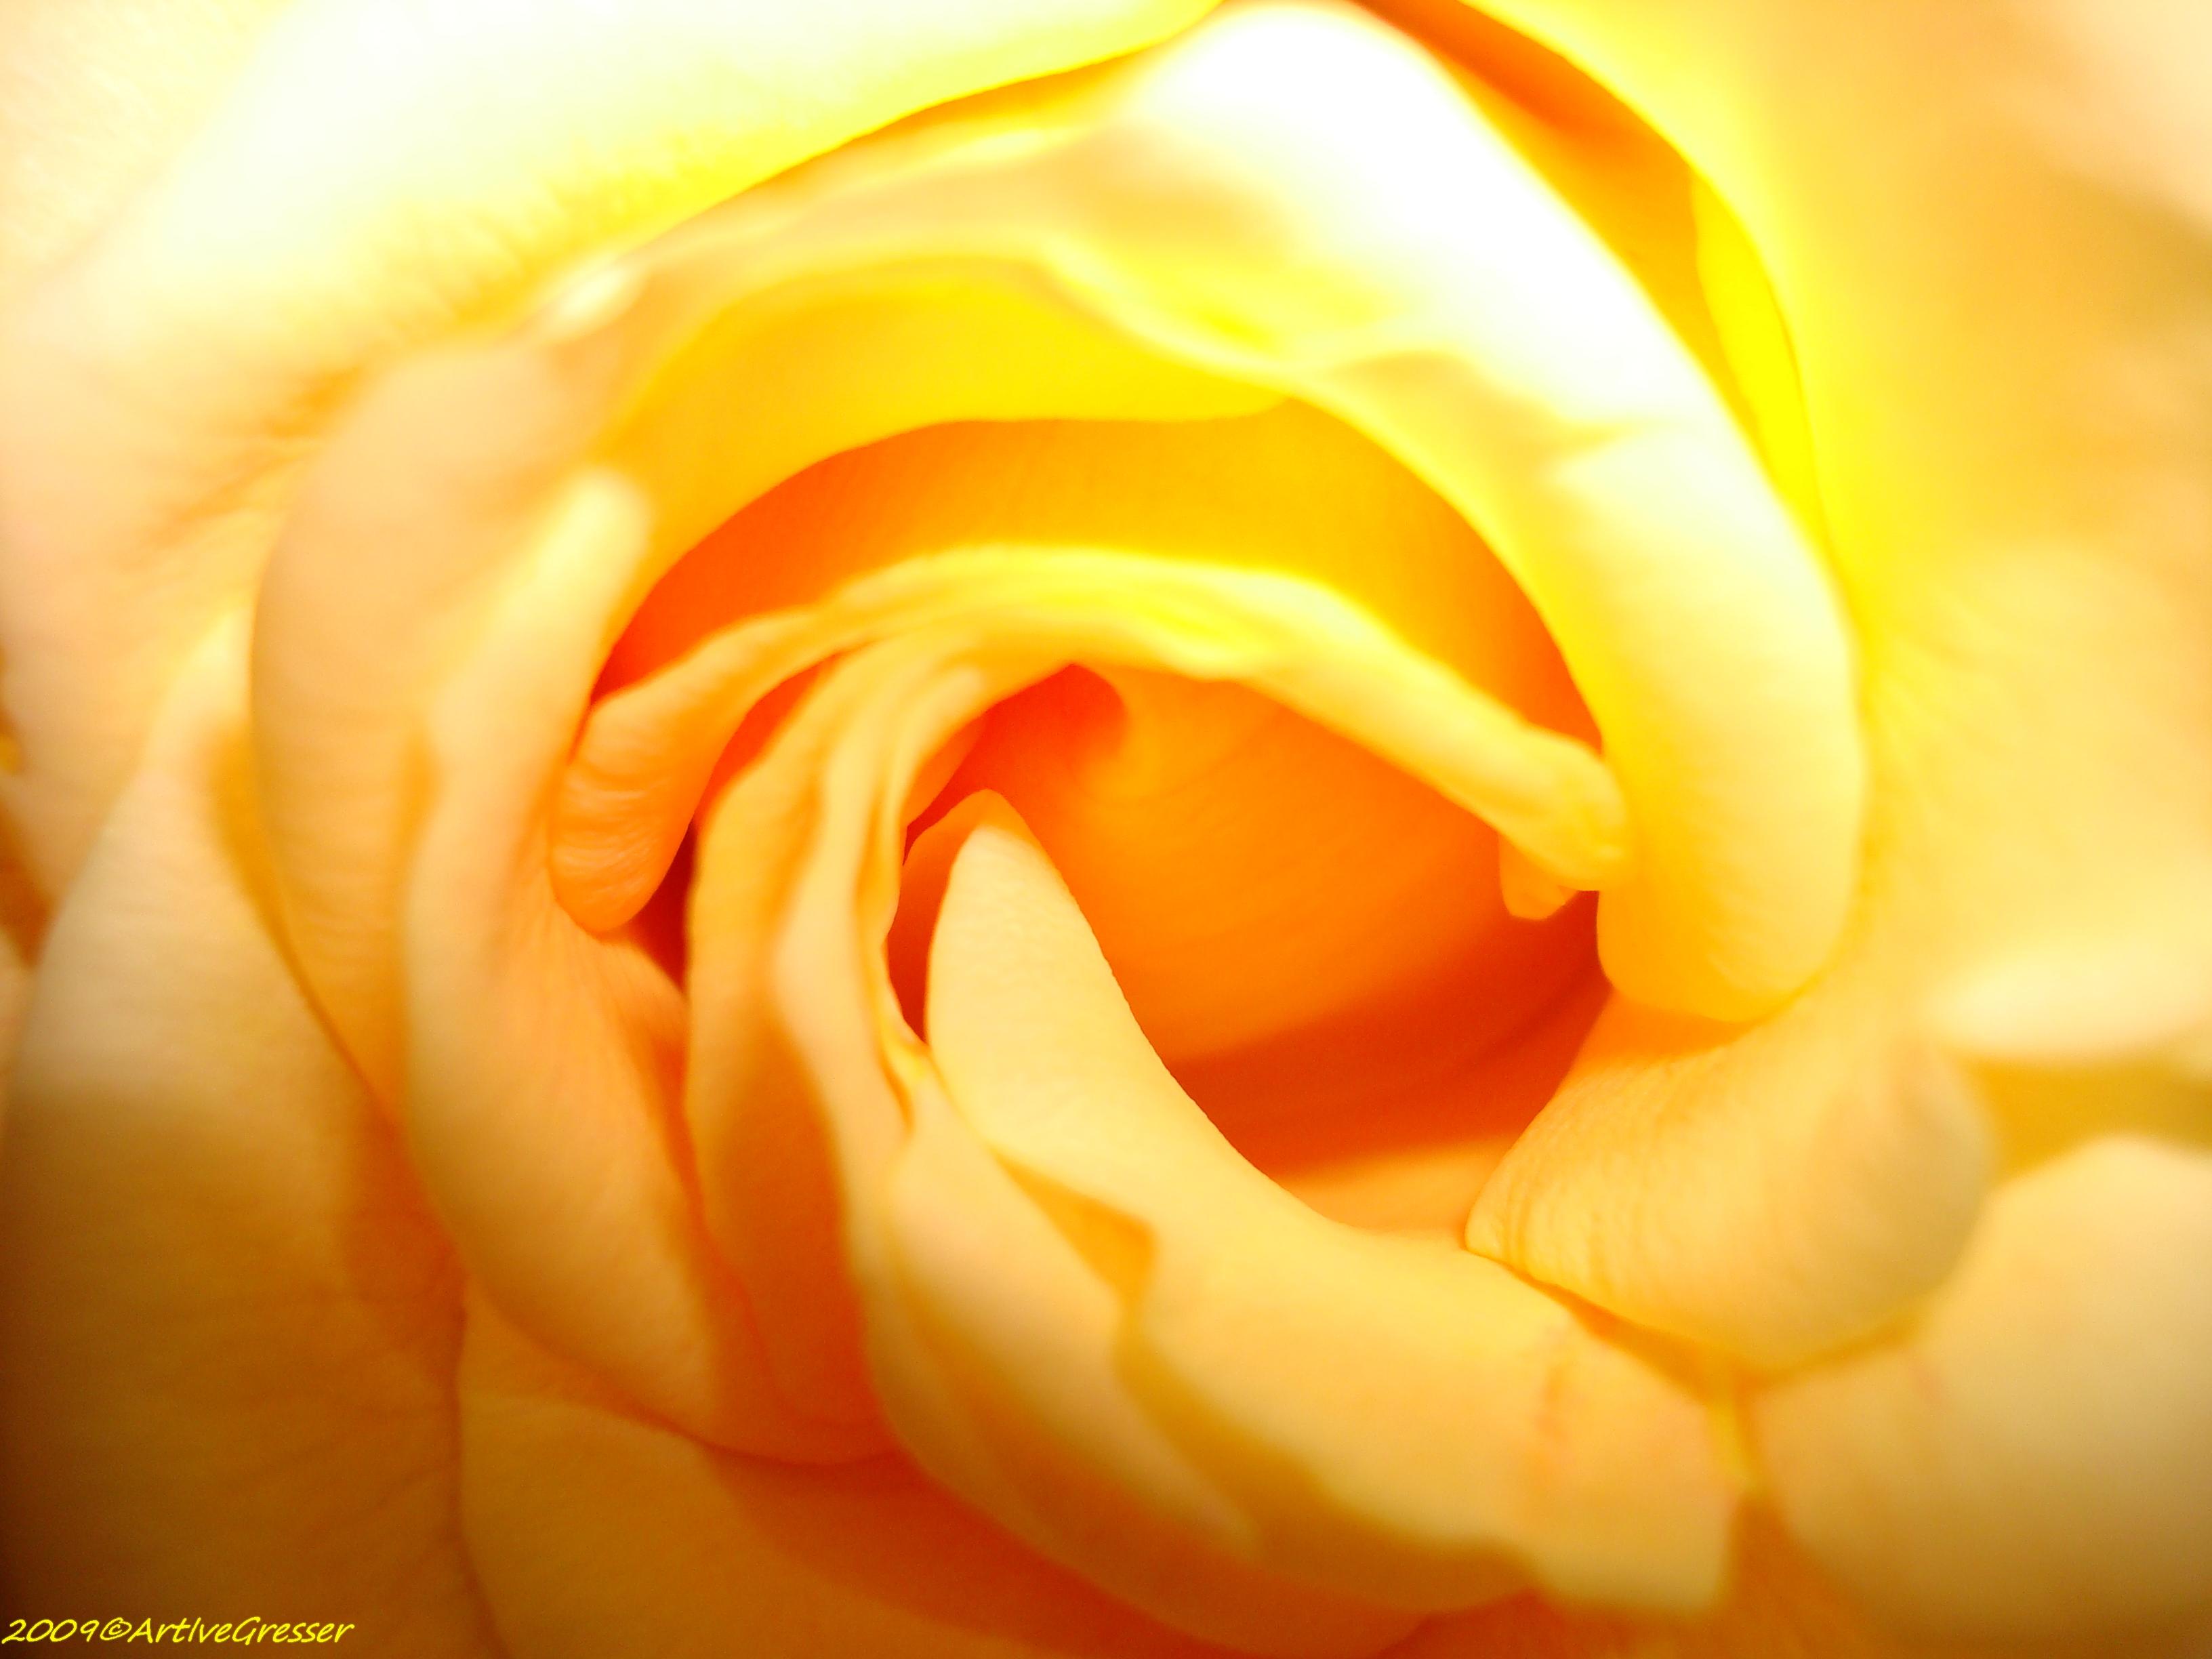 17Rose gelb